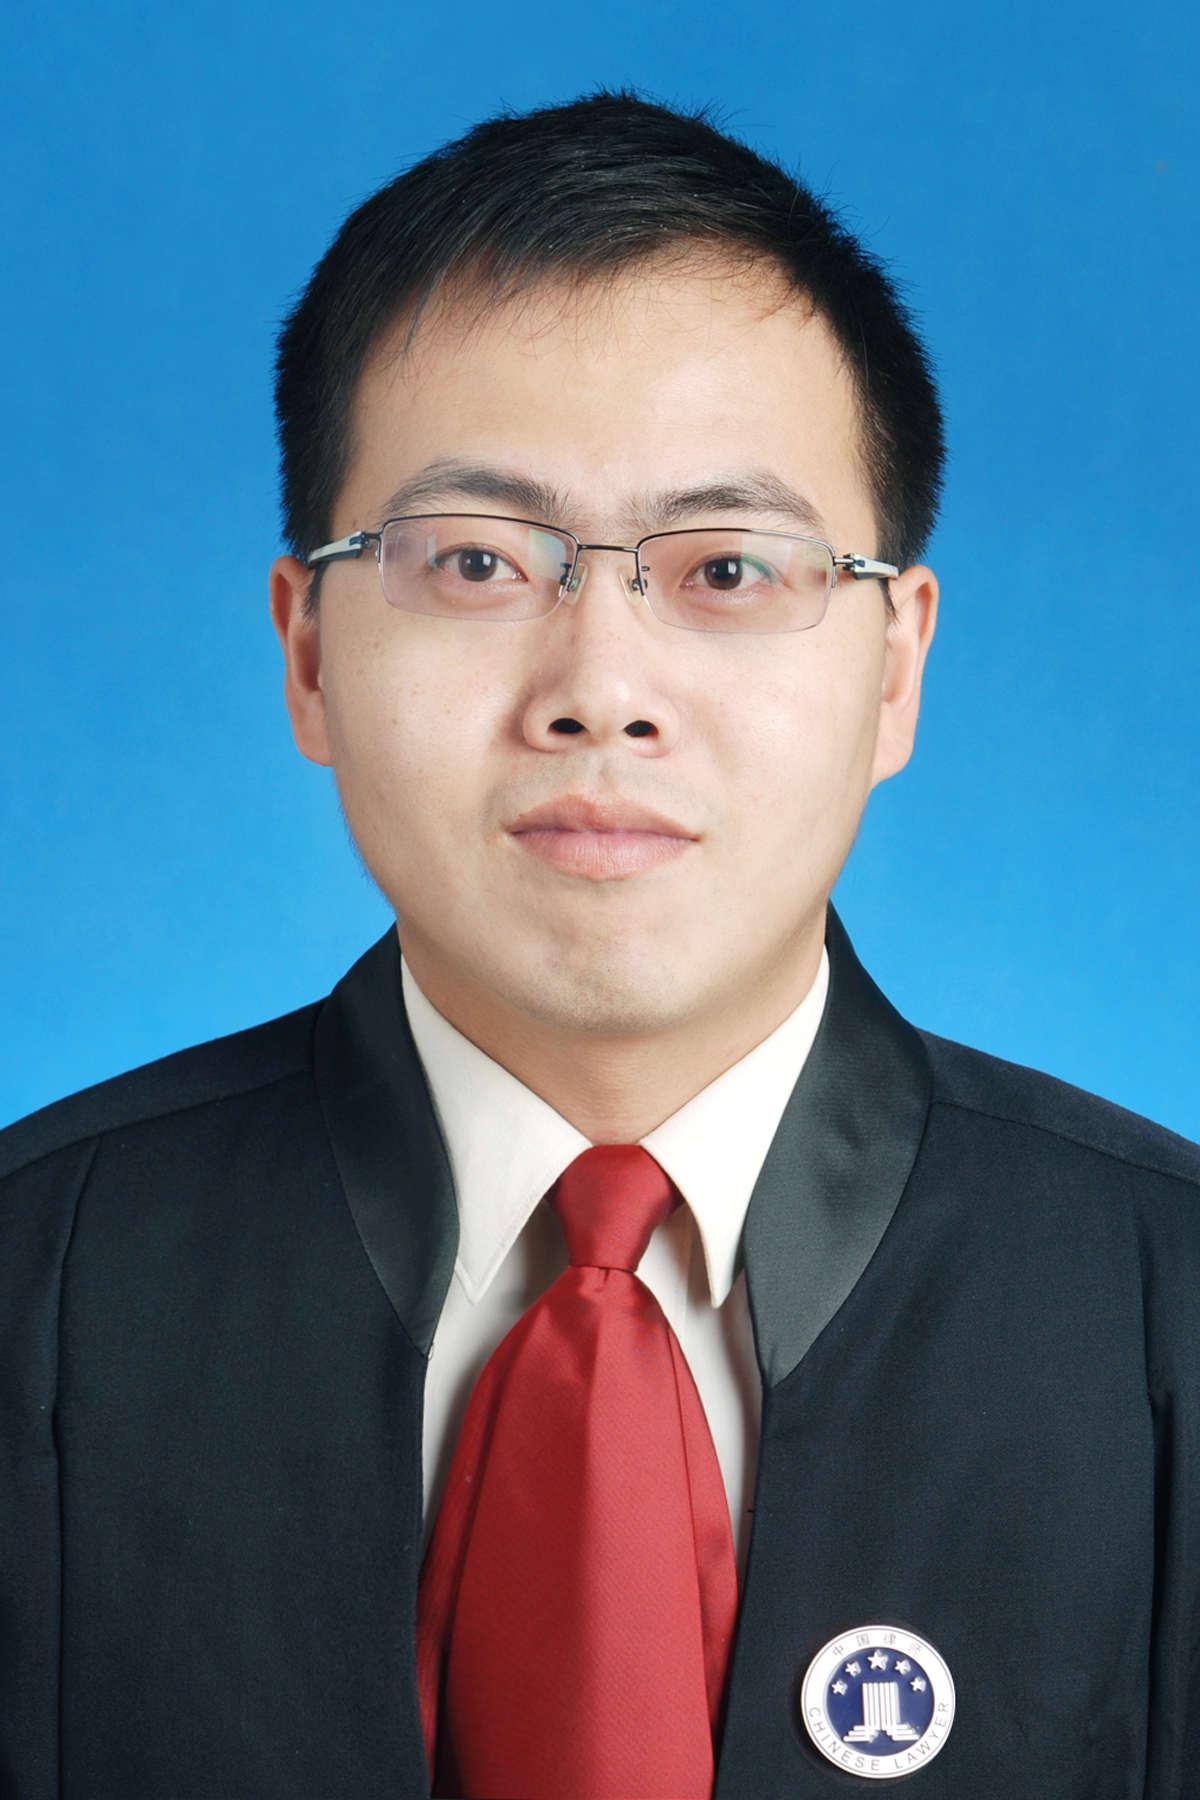 邯郸律师-王坤鹏